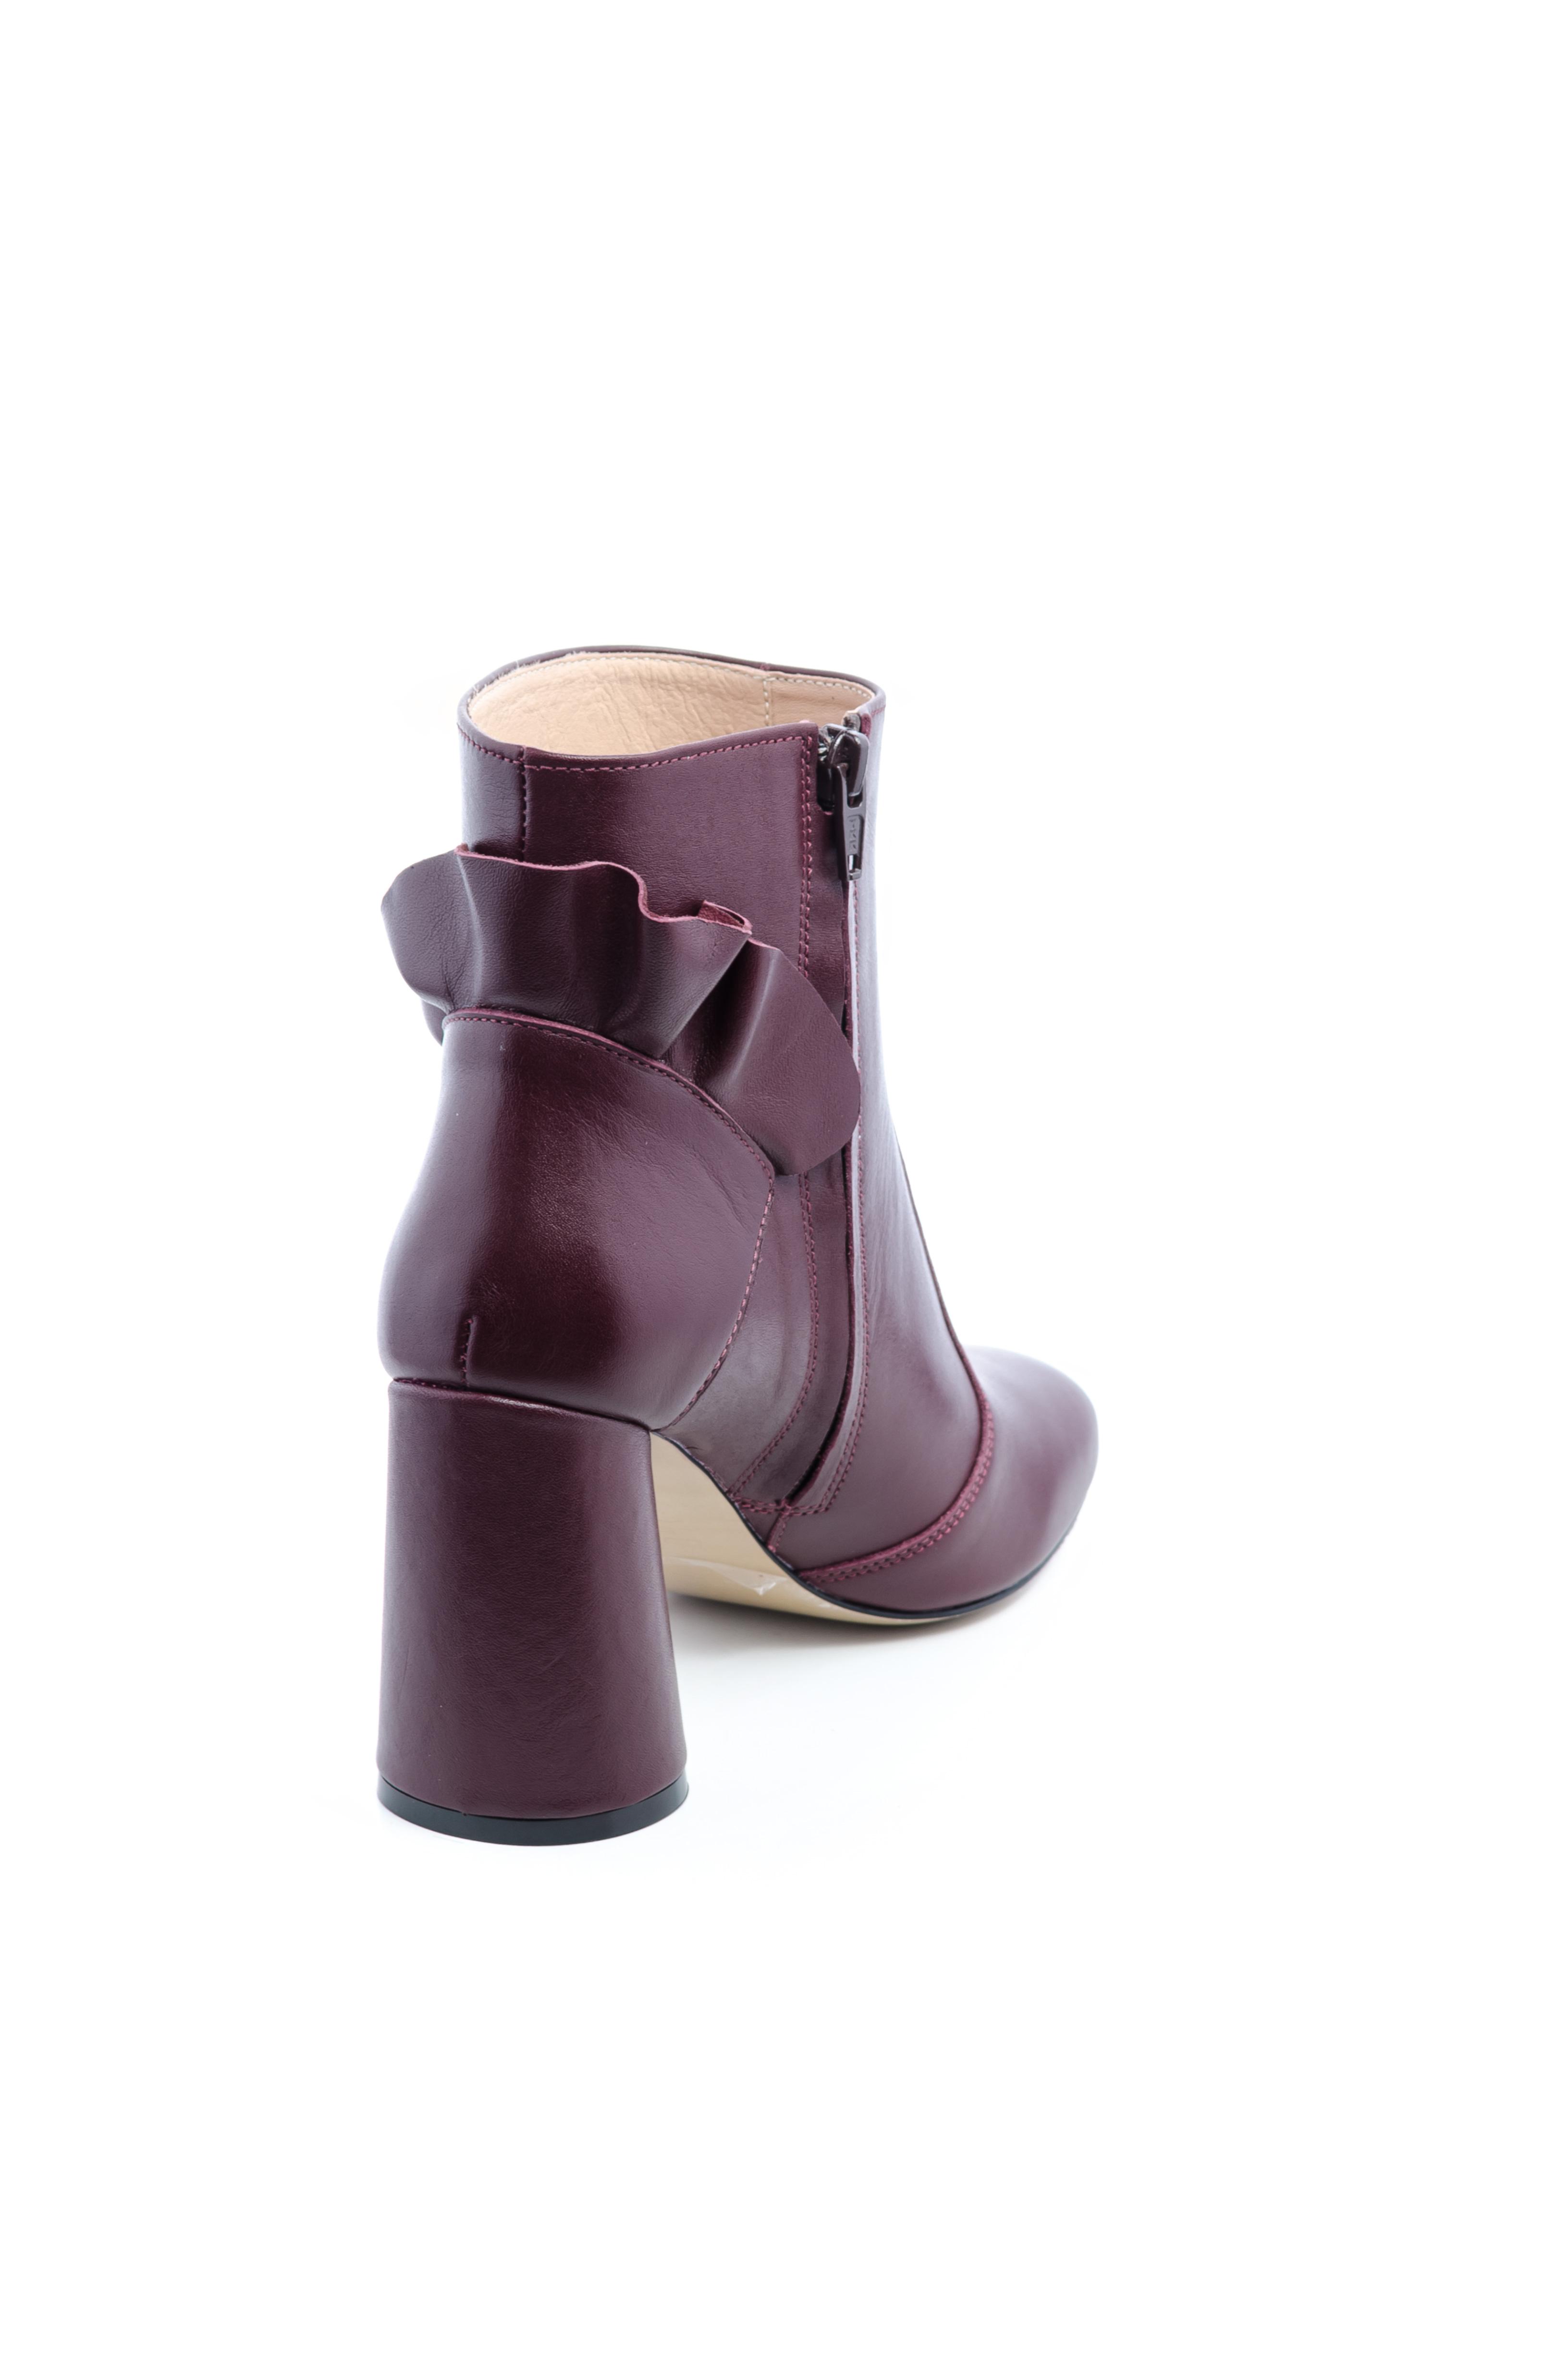 Ботинки женские Ботильоны Бонита кожа бордовые толстый каблук 100182 выбрать, 2017